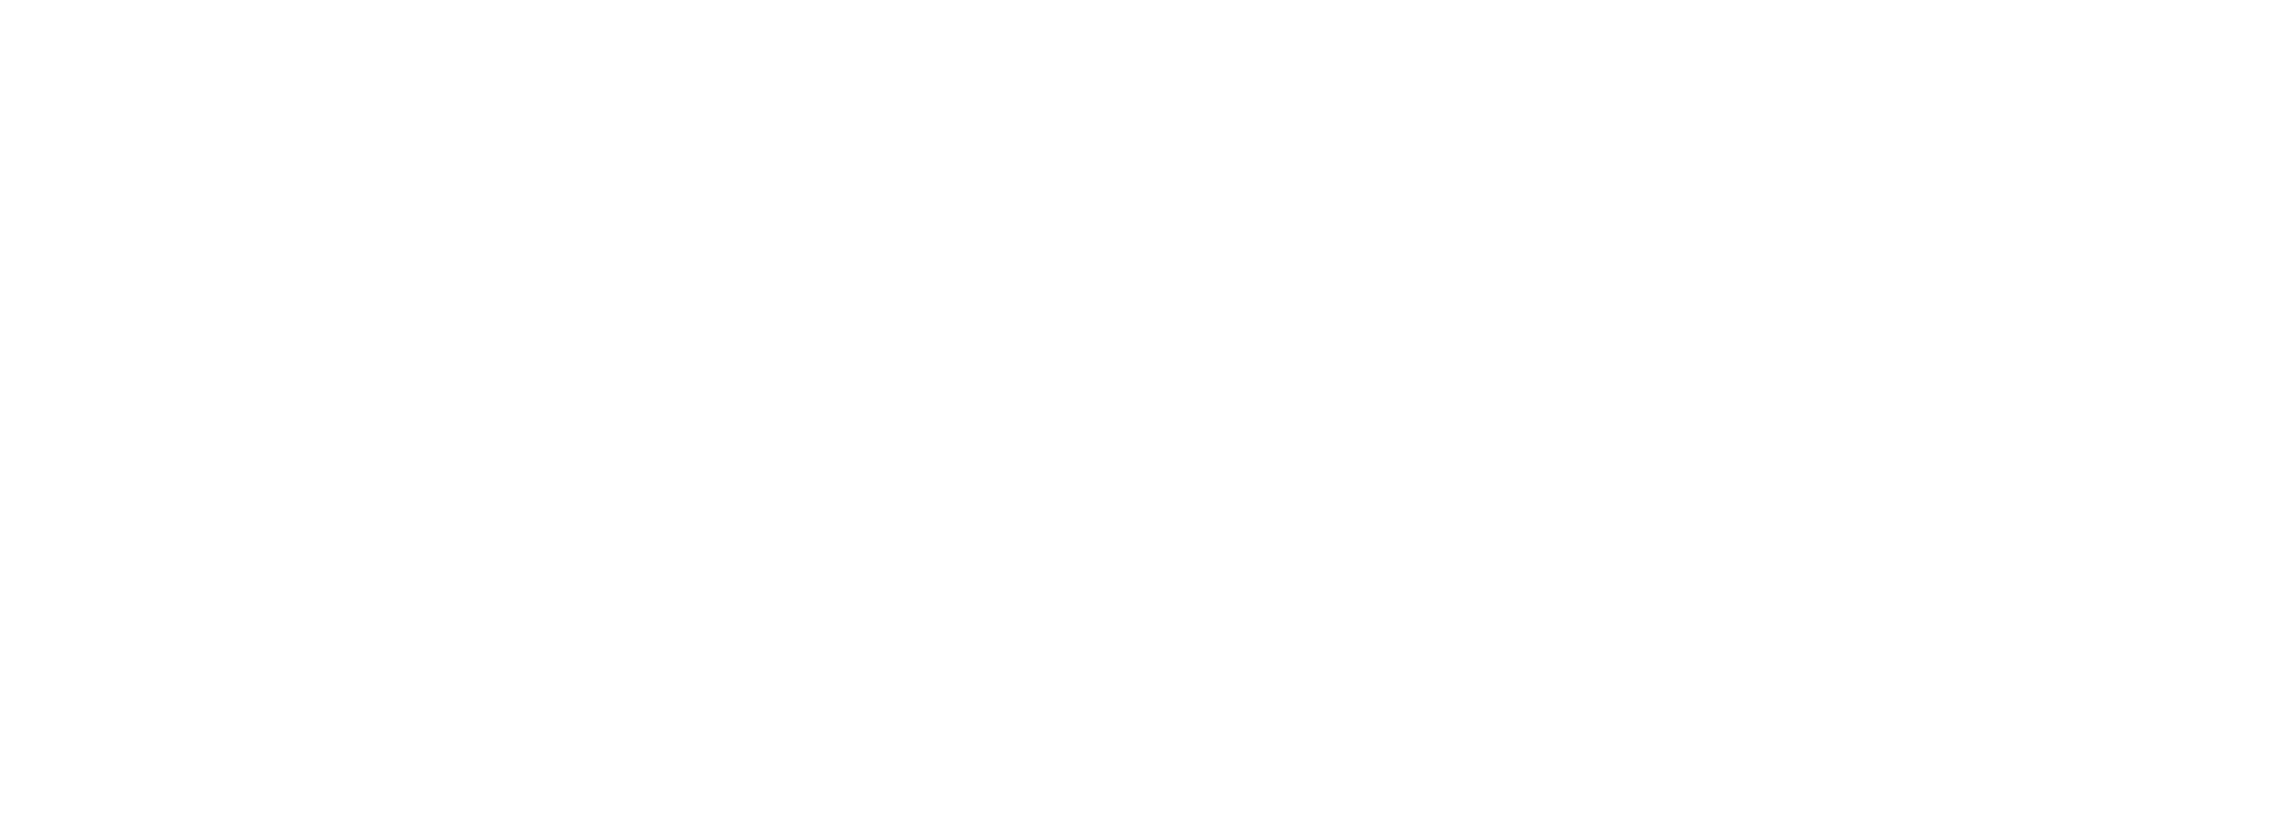 Rever Creative